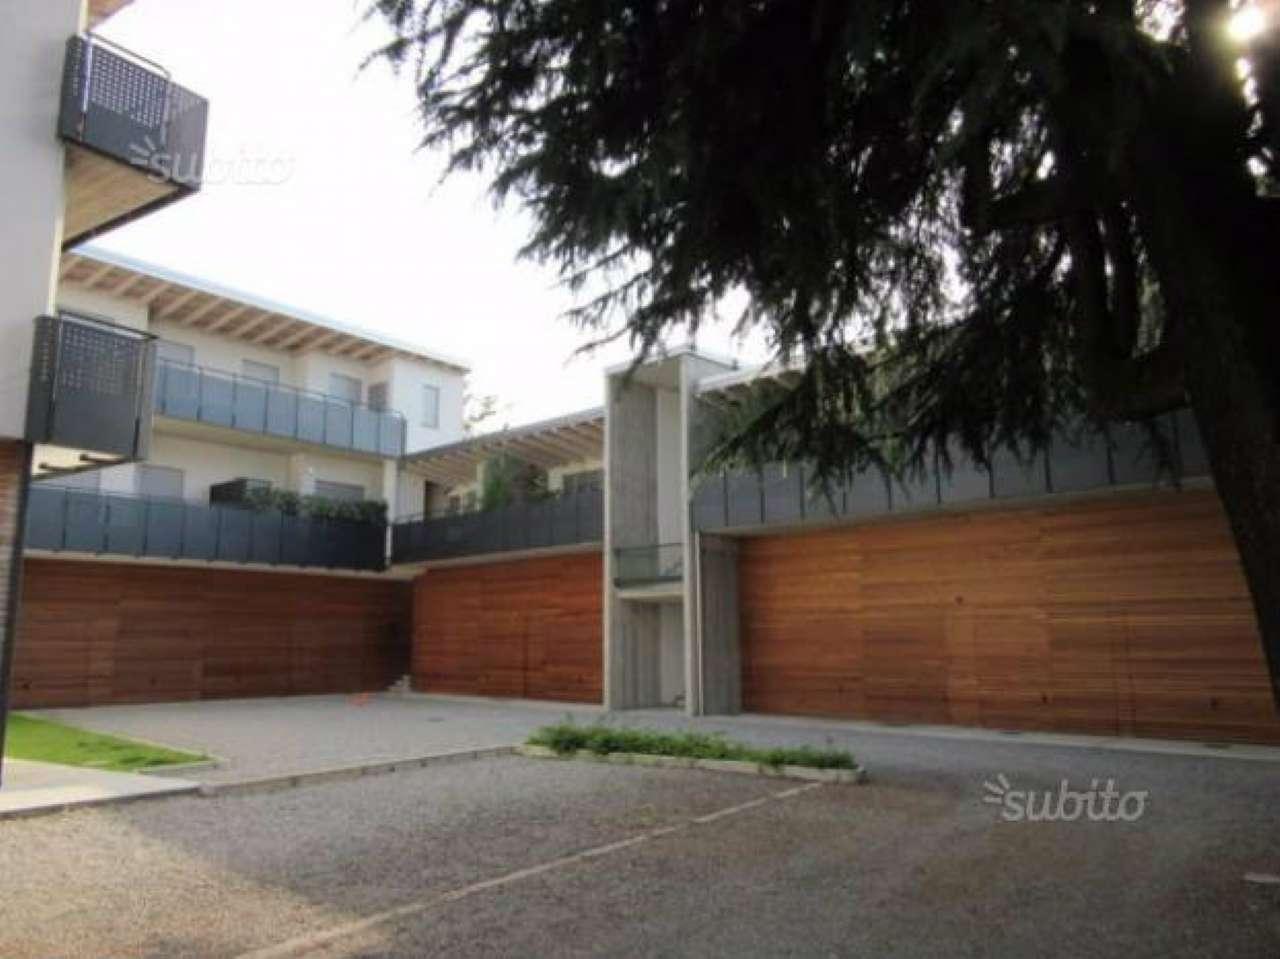 Attico / Mansarda in vendita a Cesano Maderno, 3 locali, prezzo € 170.000 | Cambio Casa.it